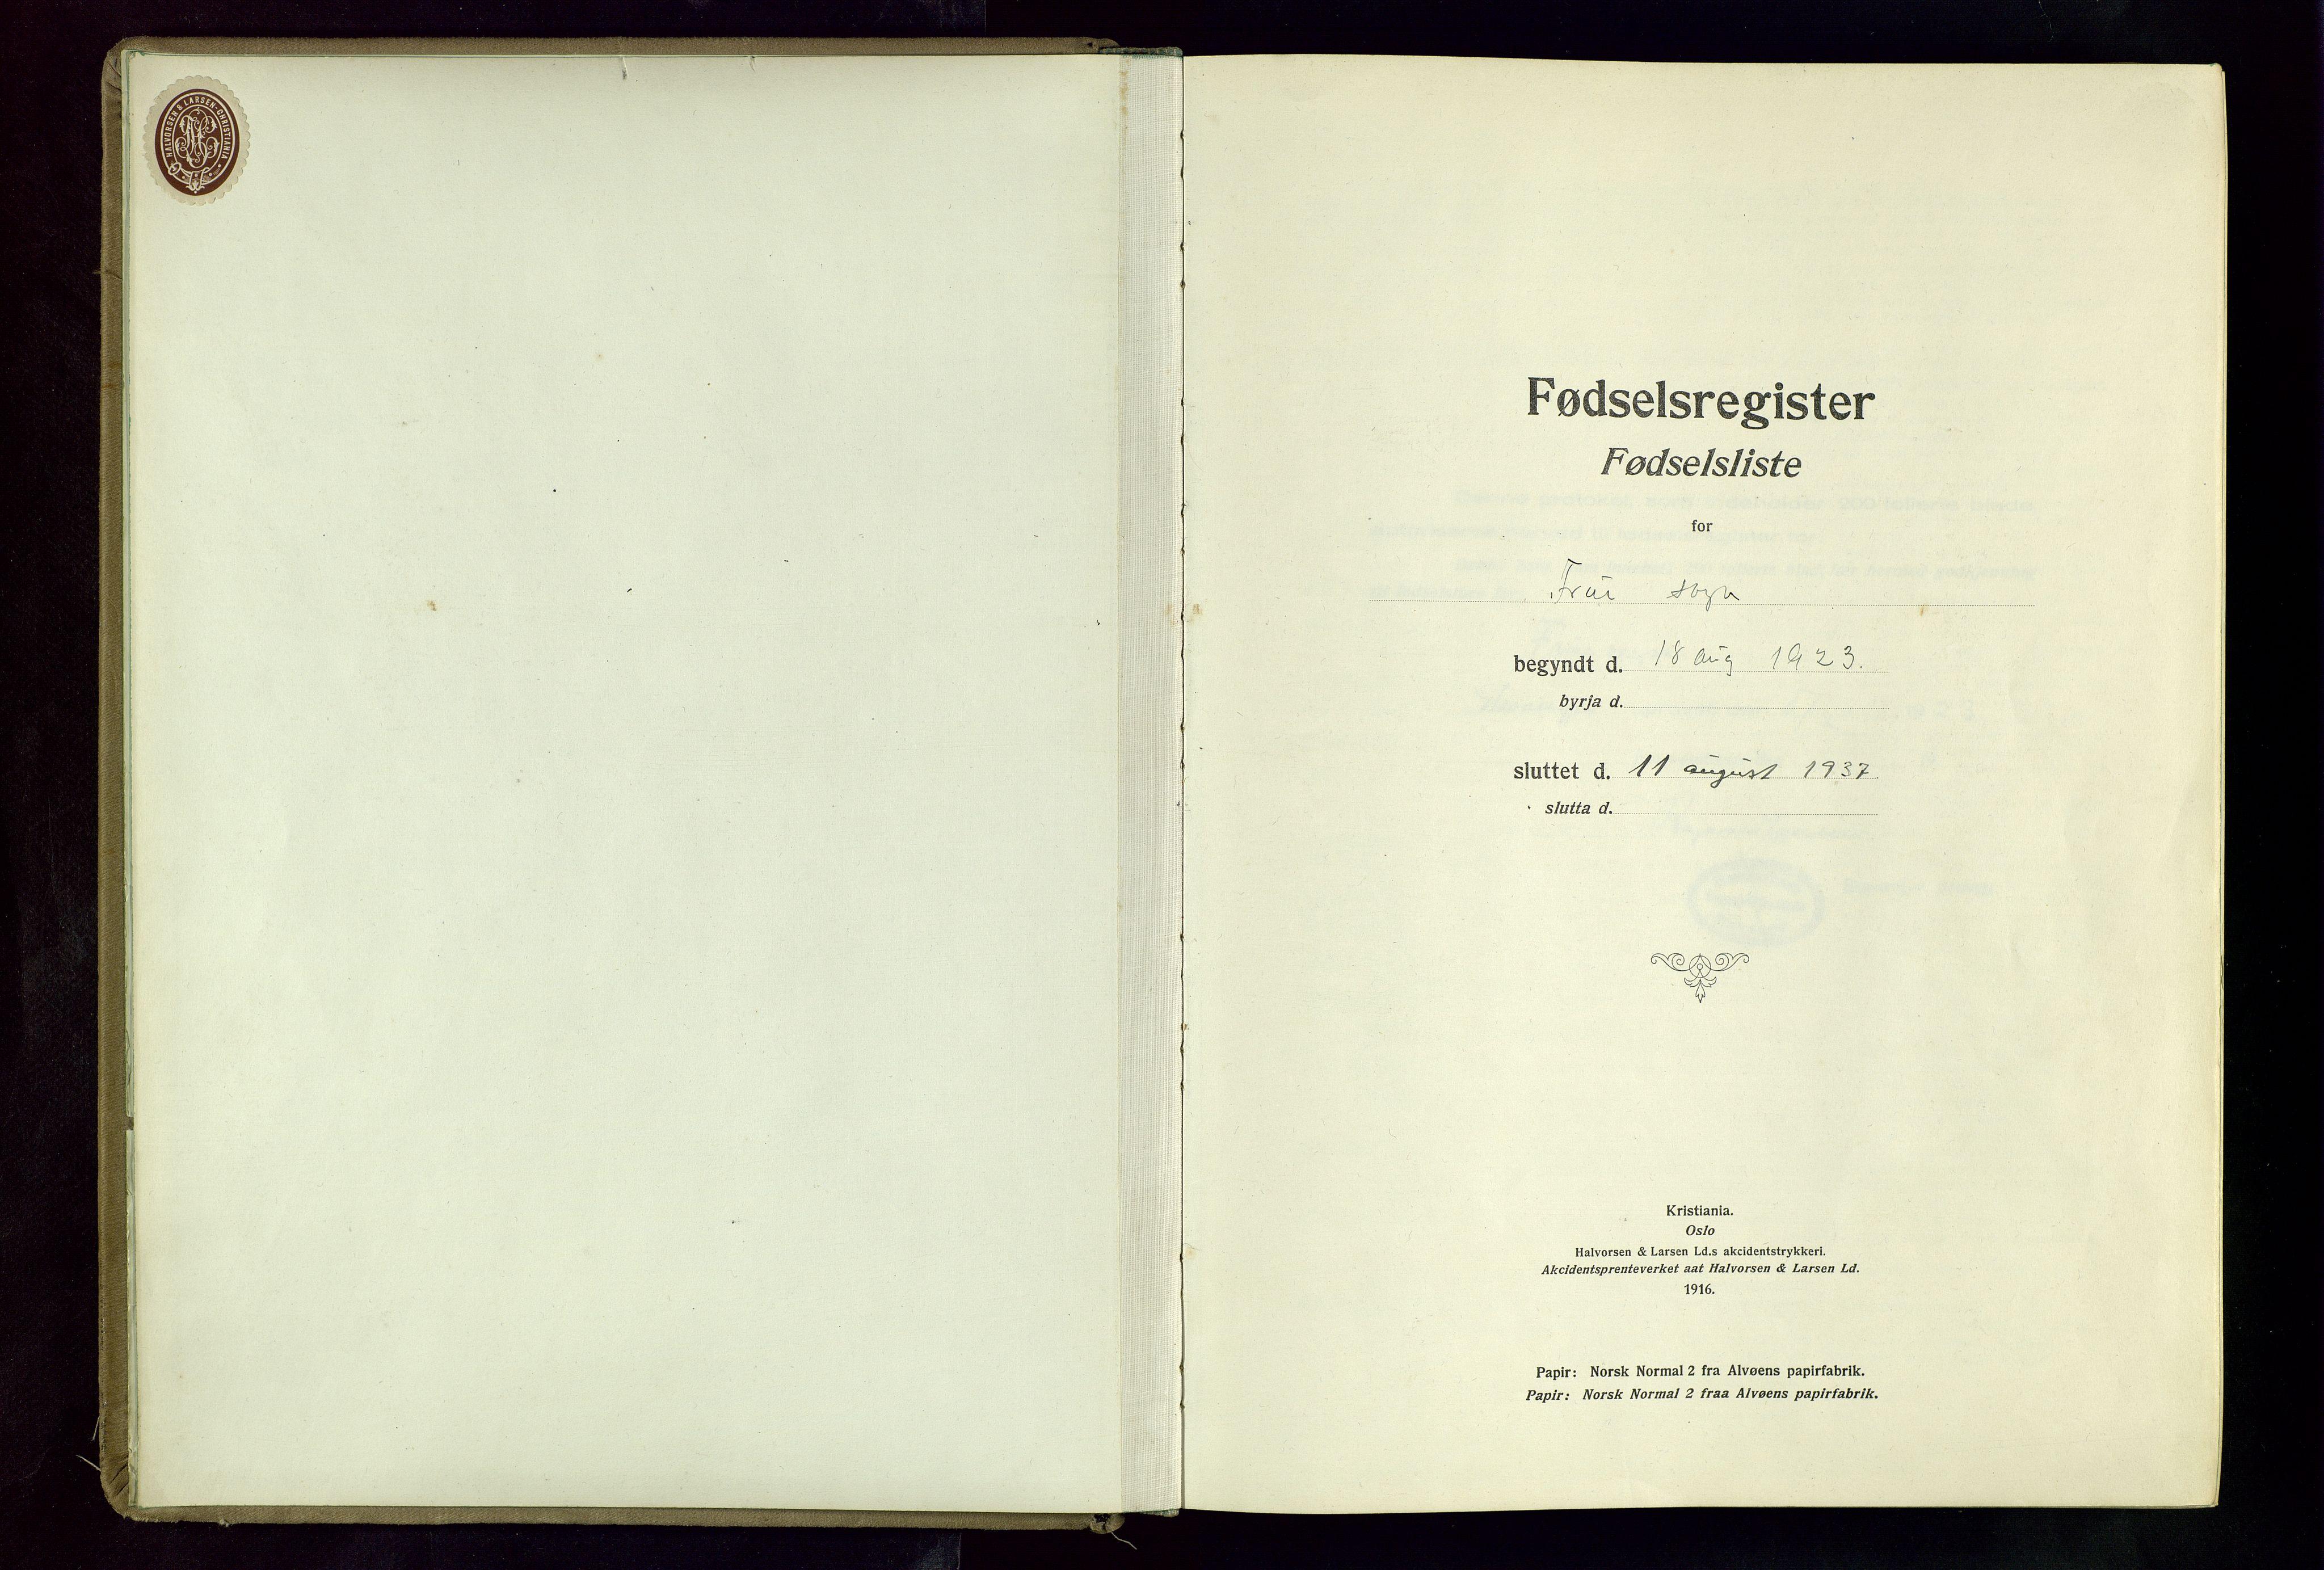 SAST, Hetland sokneprestkontor, 70/704BA/L0004: Fødselsregister nr. 4, 1923-1937